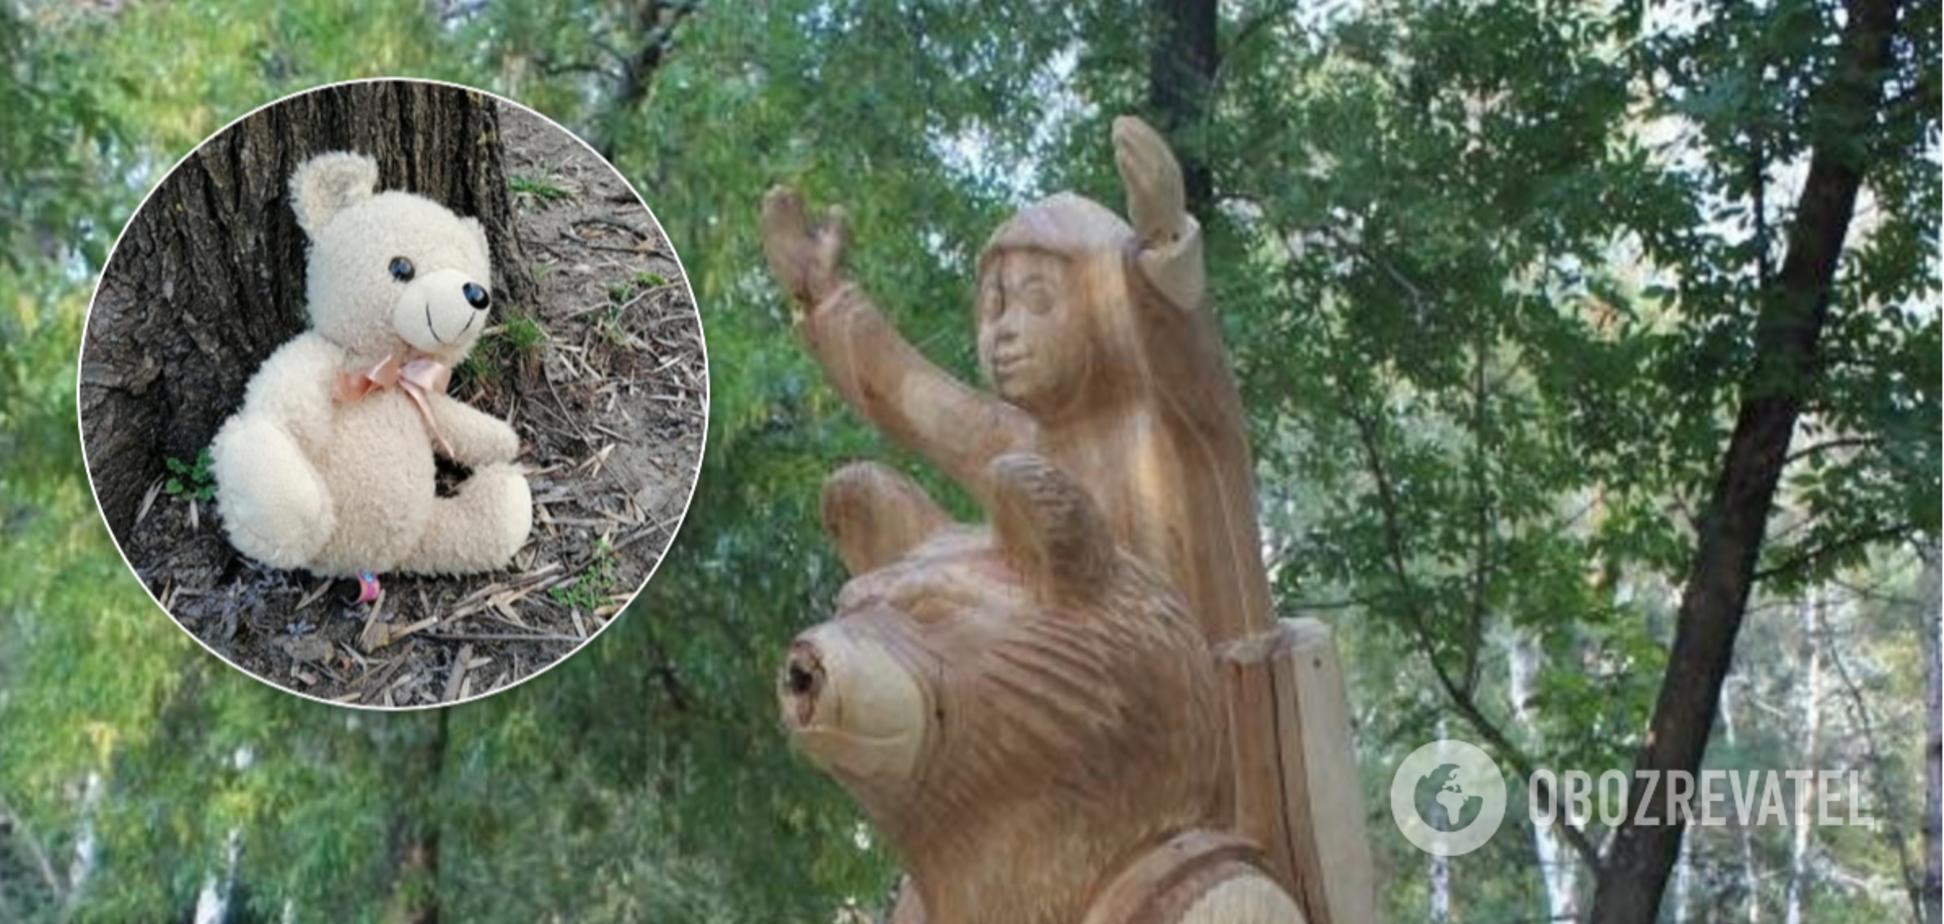 В Запорожье статуя убила девочку: руководство парка нашло отмазку